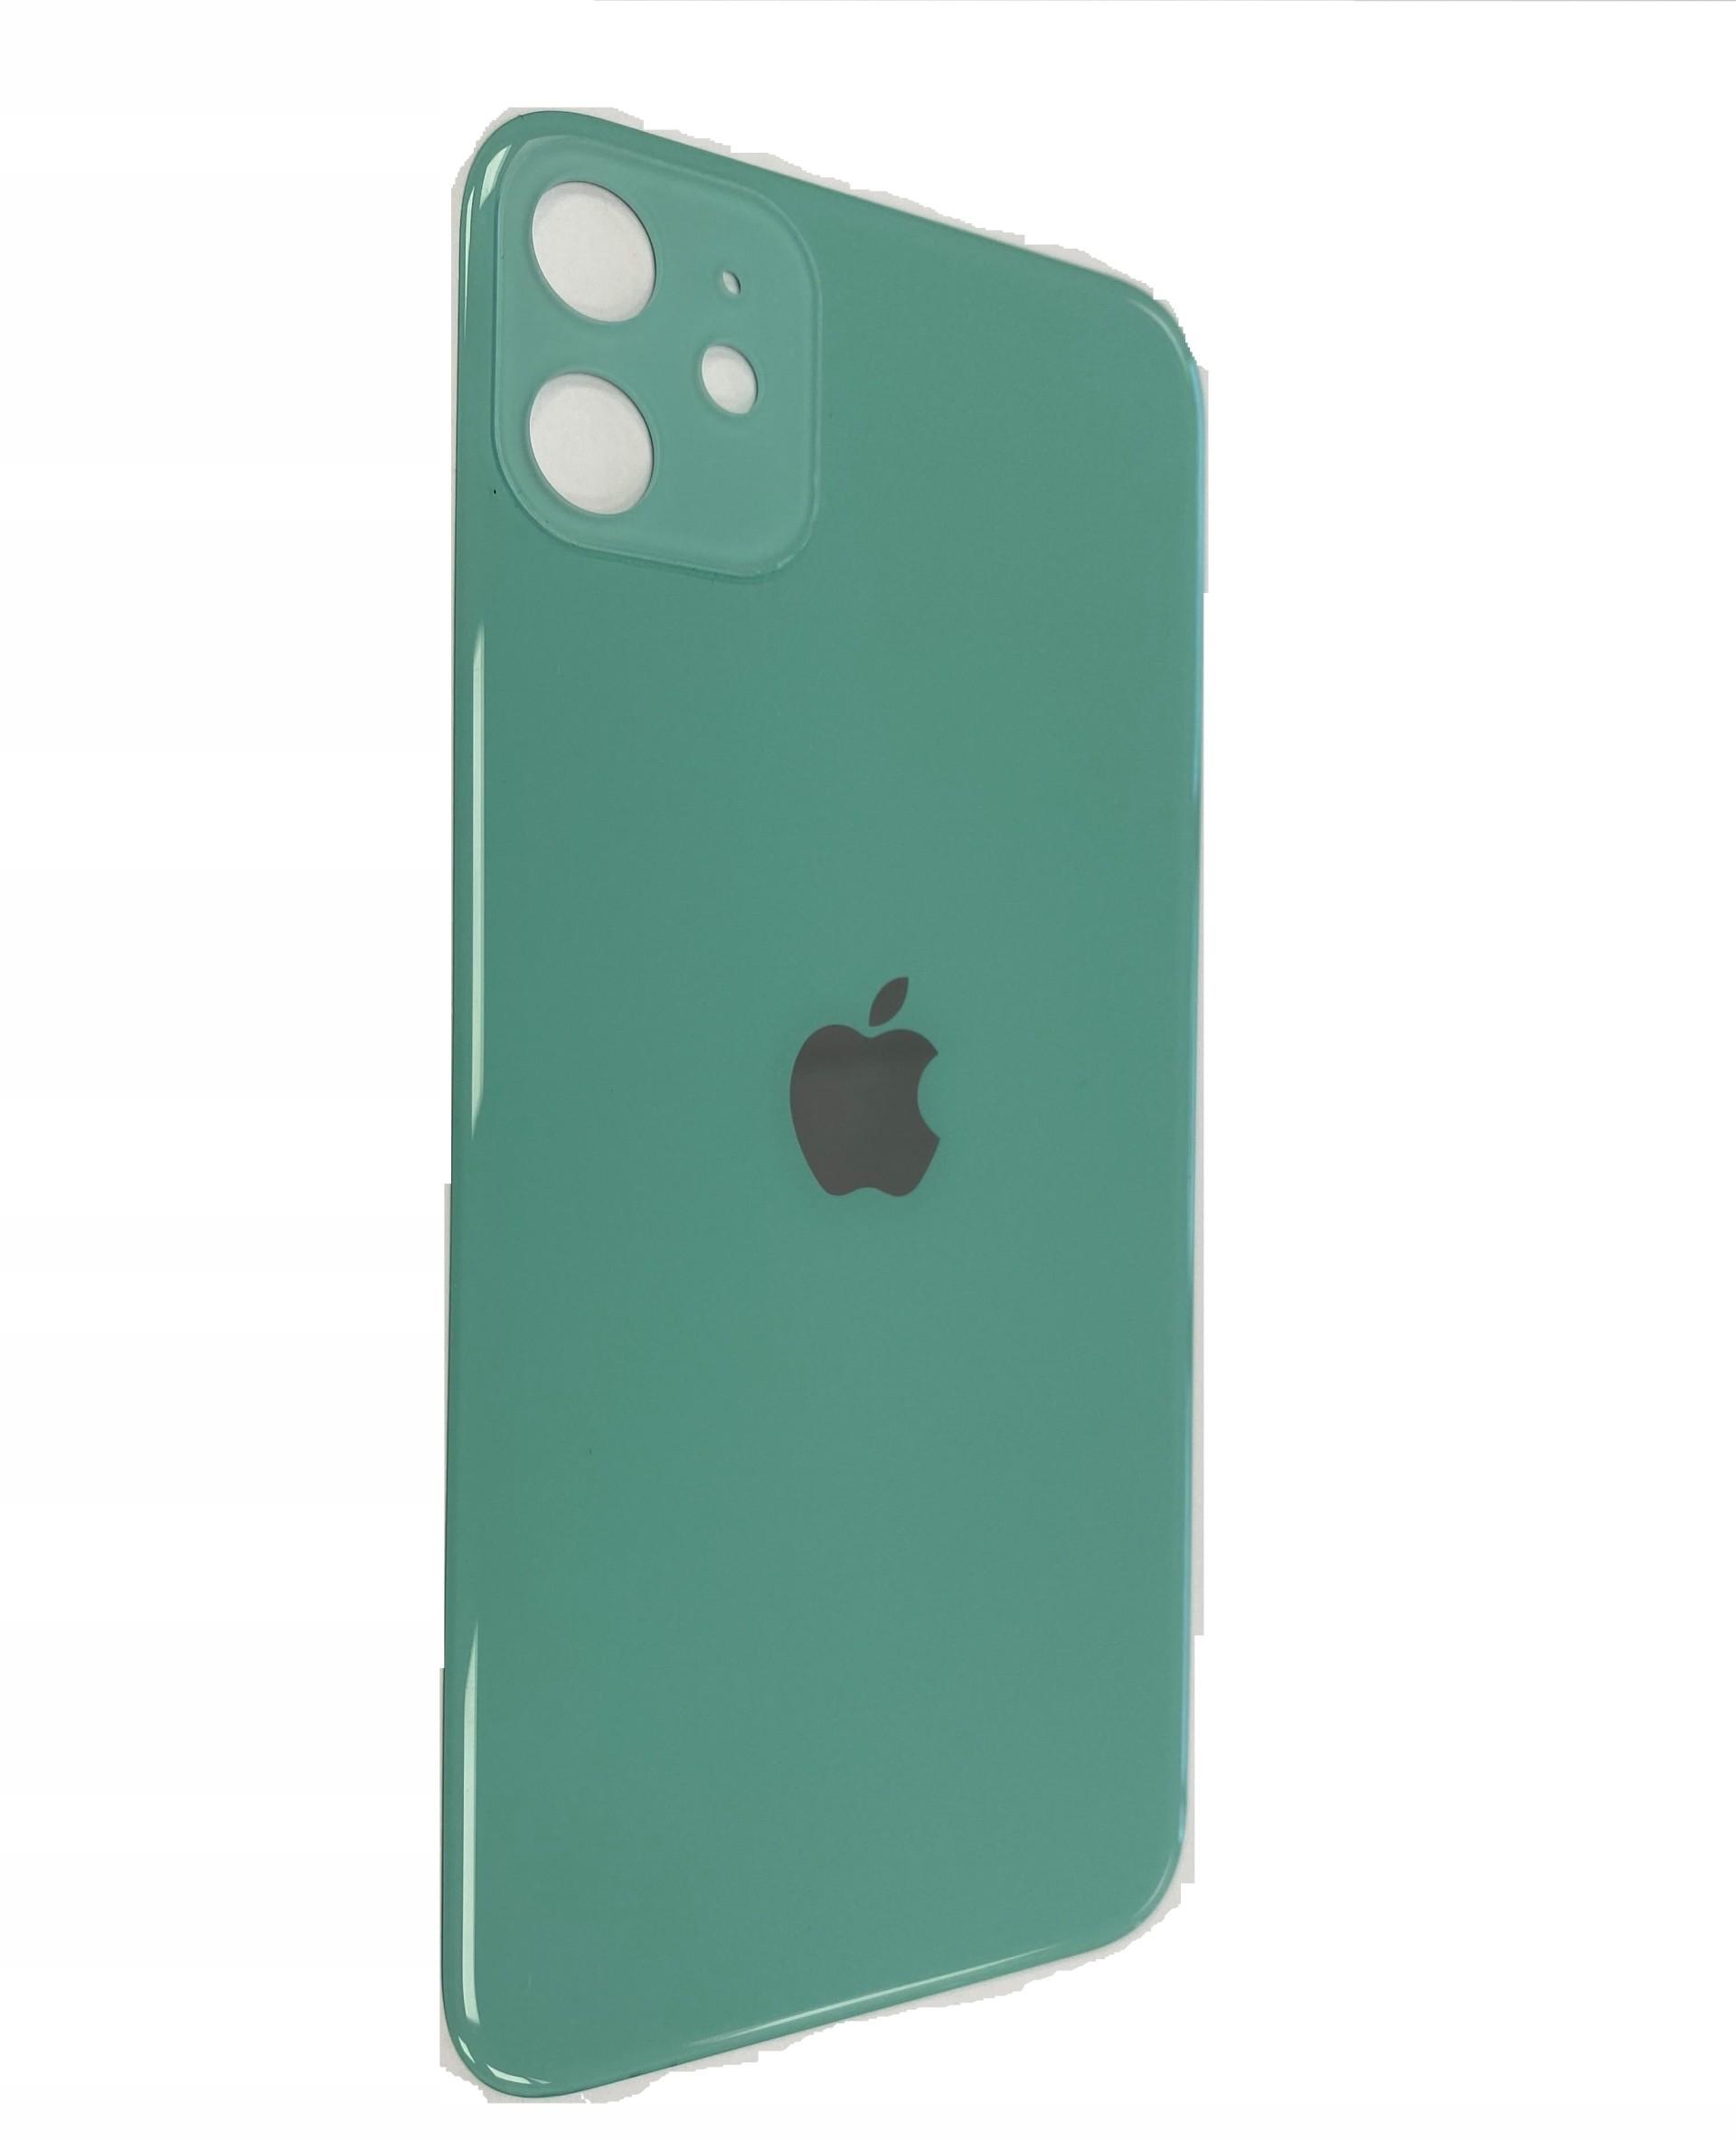 Klapka Tylna Baterii Iphone 11 Miętowa Zielona